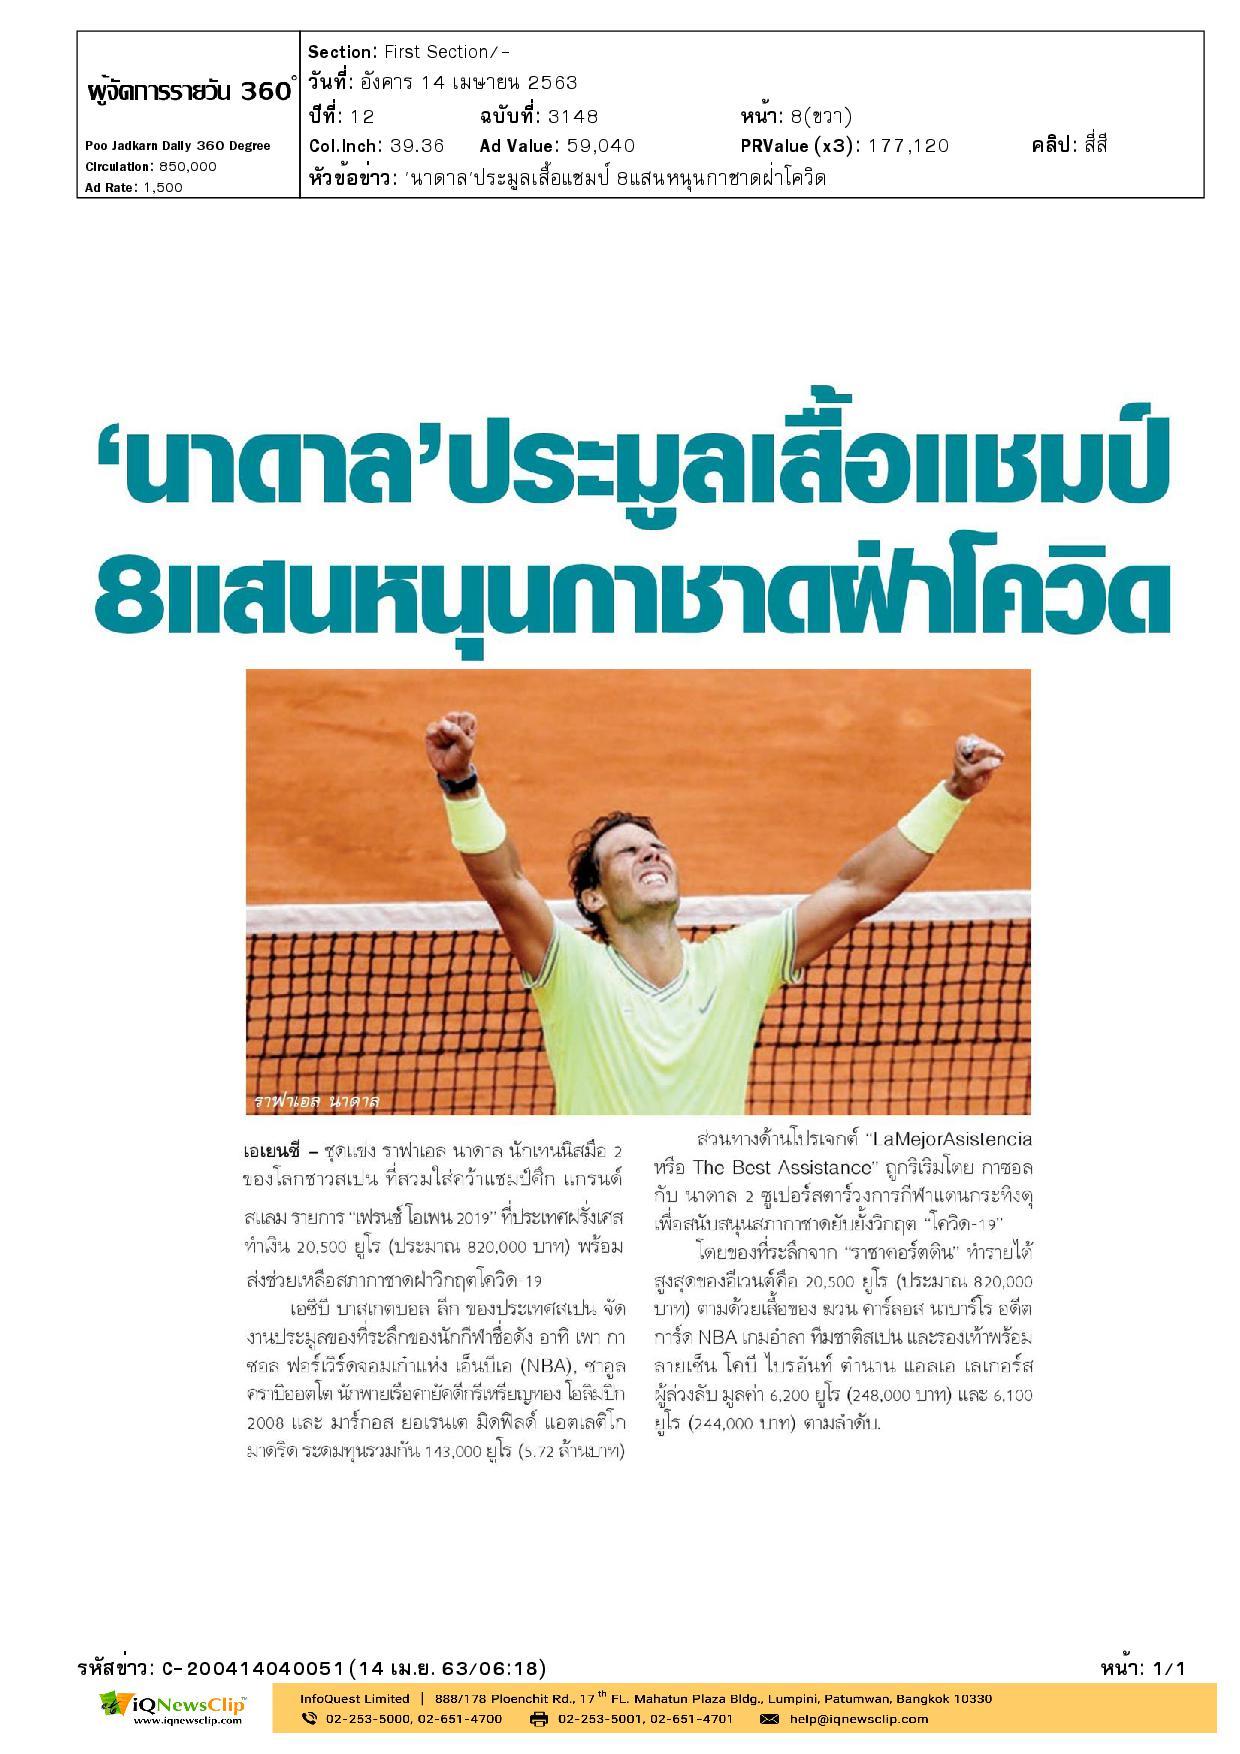 ราฟาเอล นาดาล นักเทนนิส บริจาคเงินช่วยเหลือสภากาชาดฝ่าวิกฤตโควิด-19